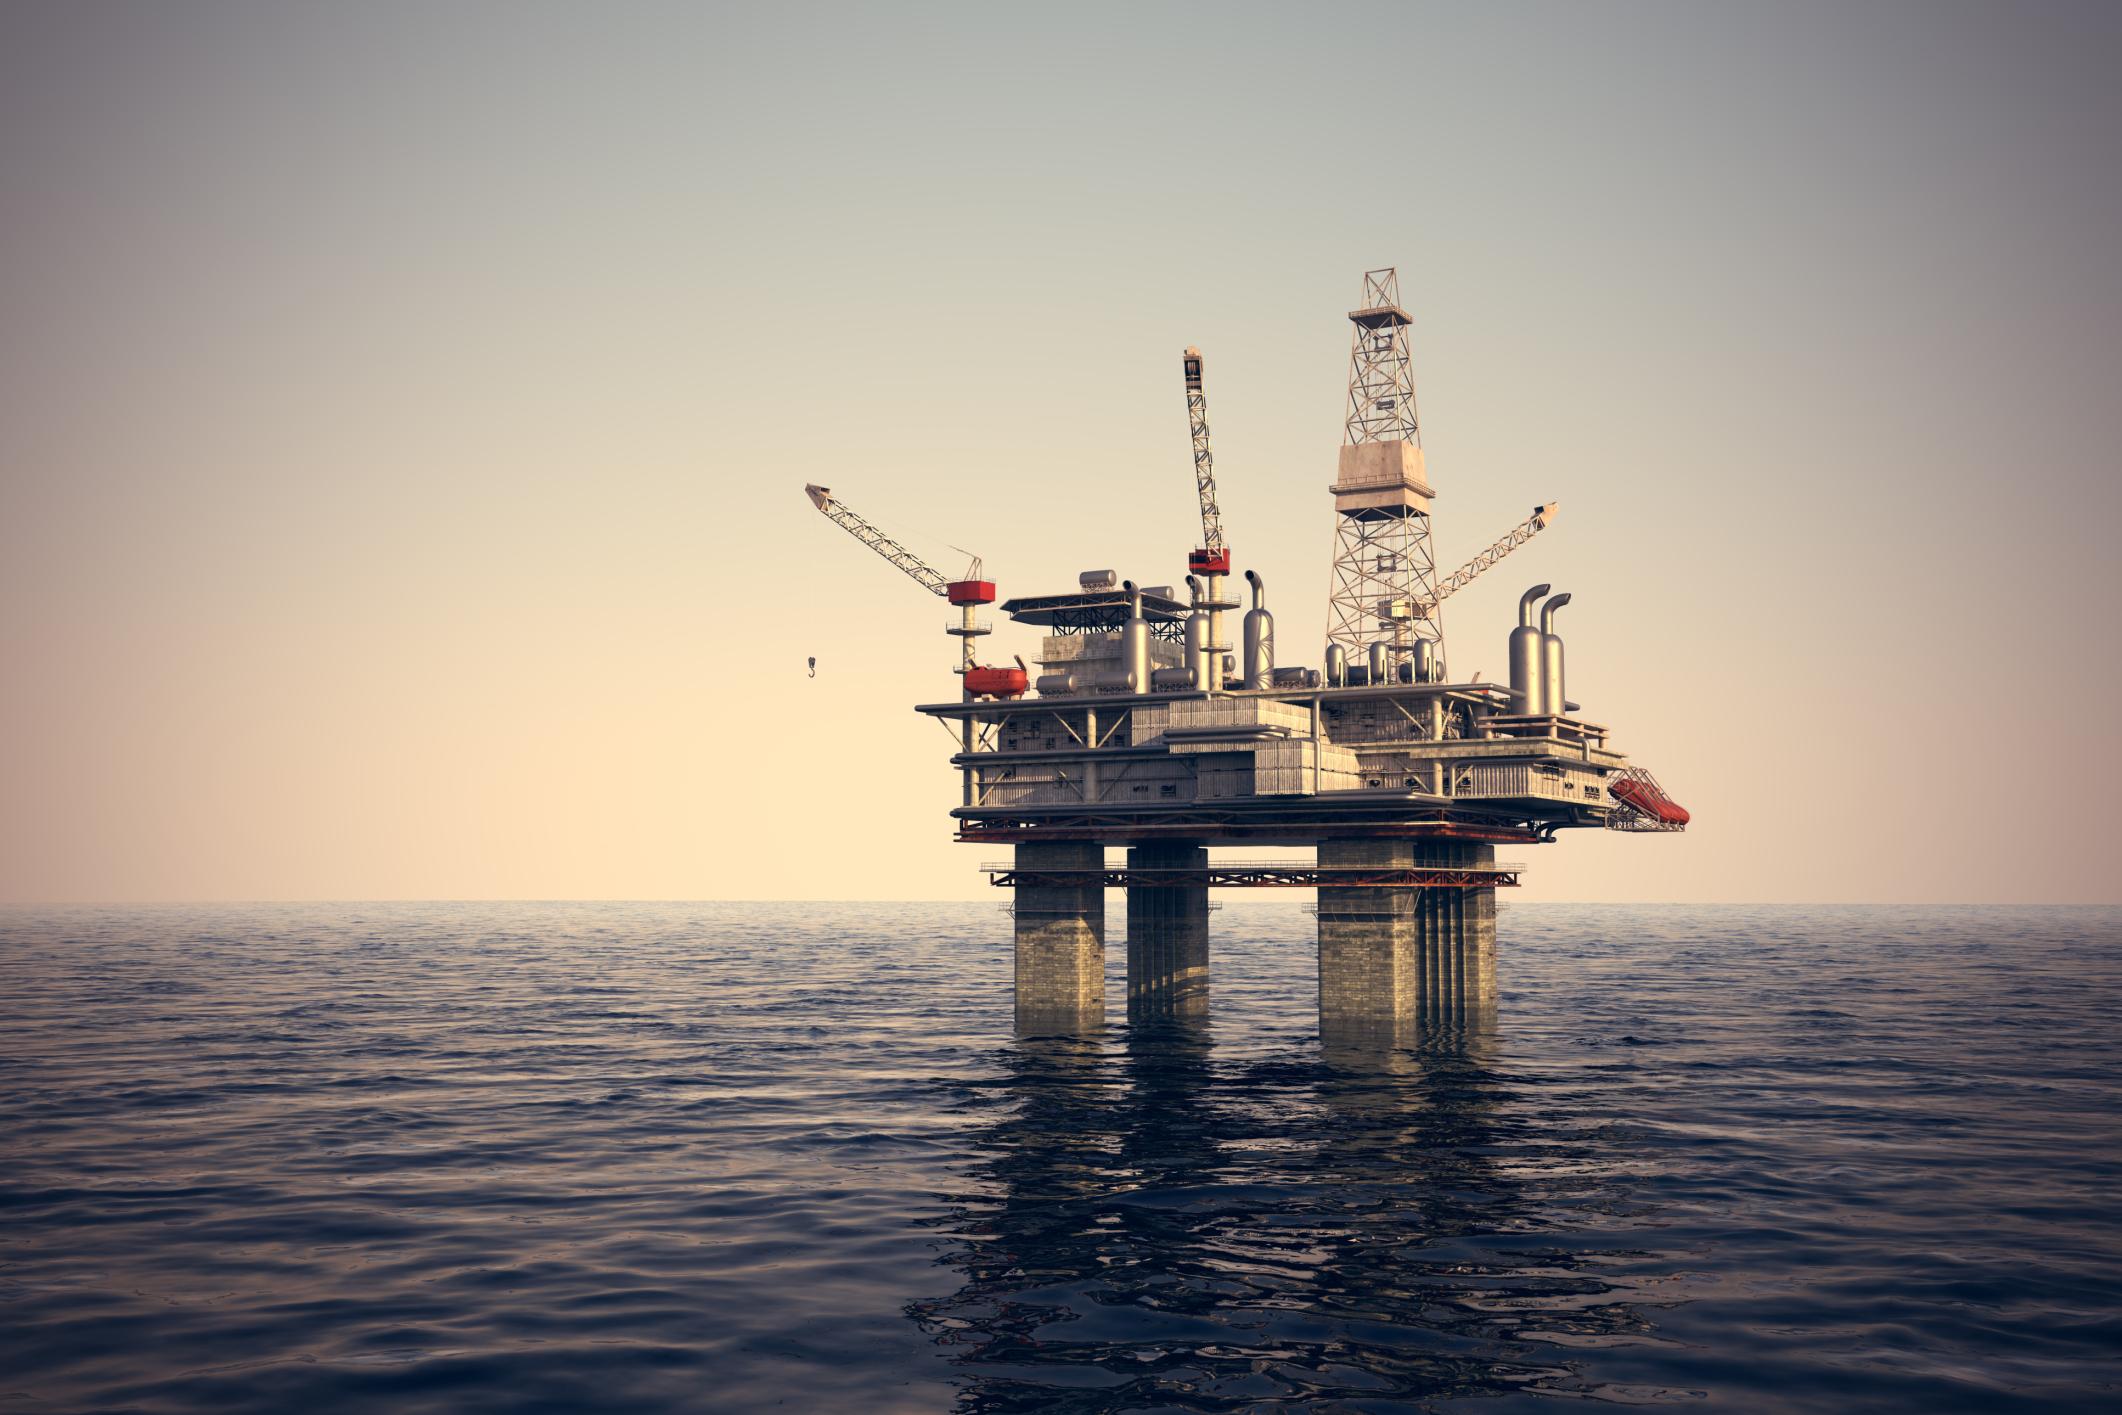 Ultra-deepwater Oil